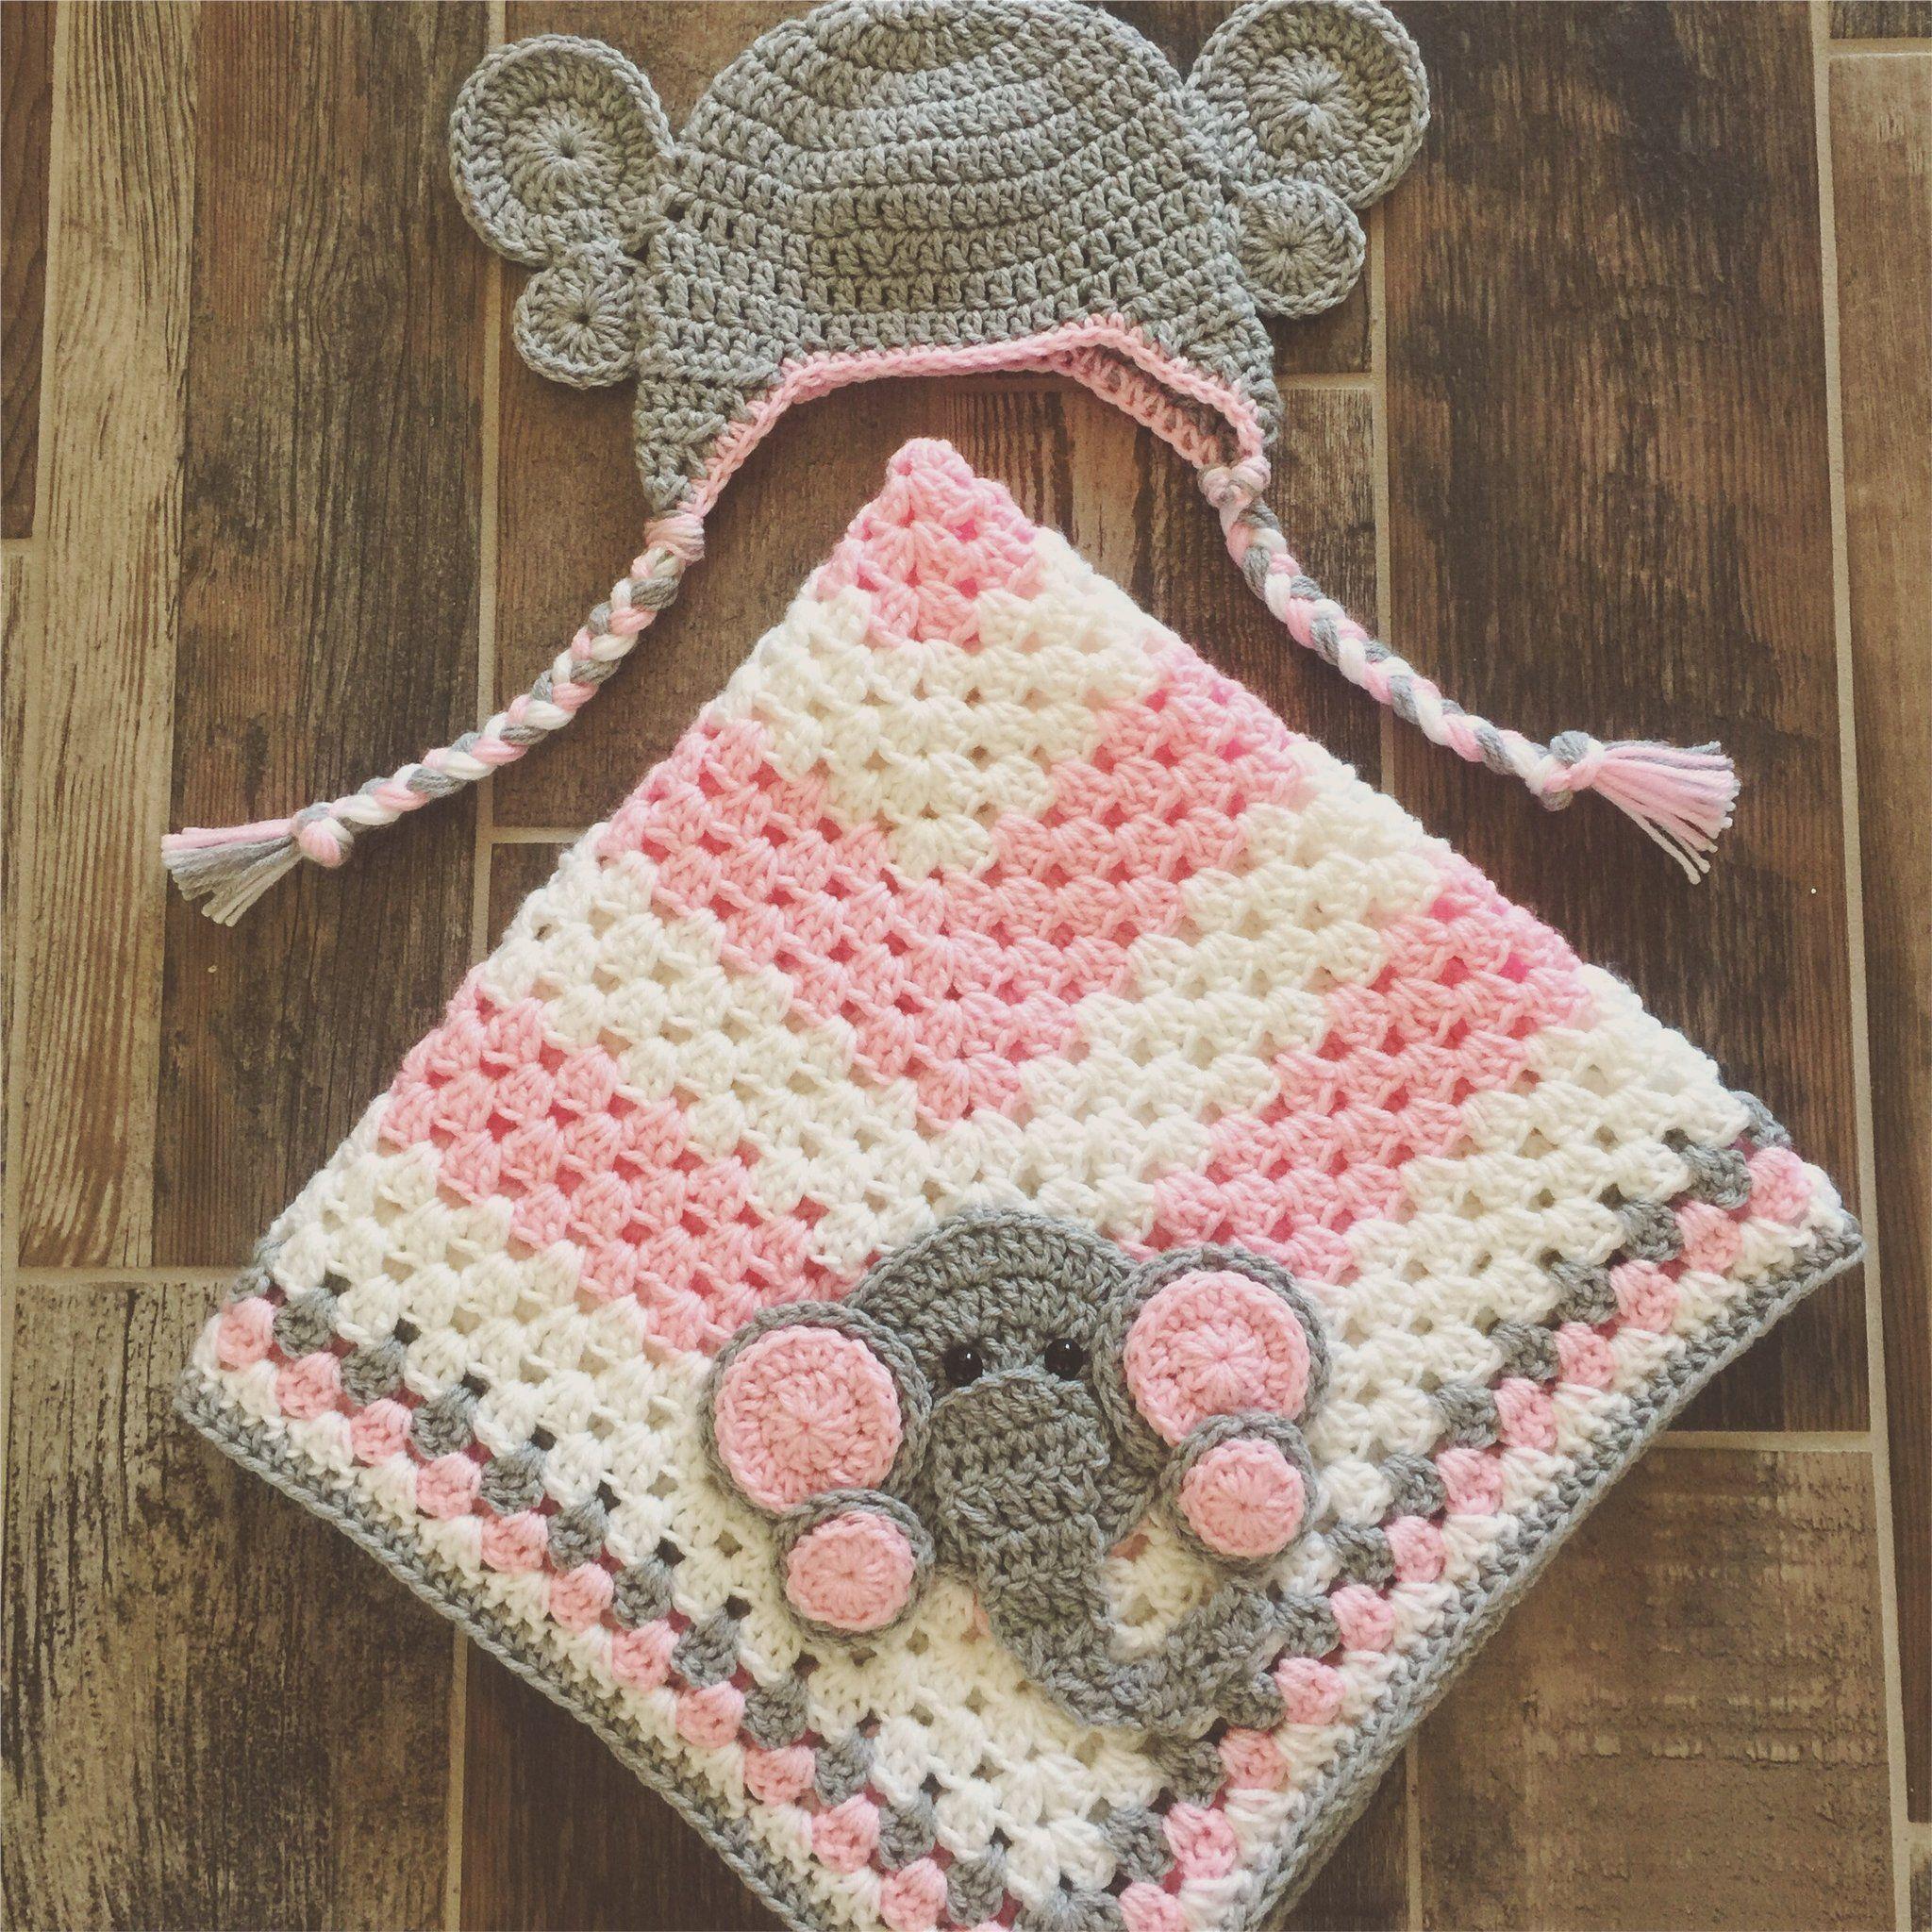 Elephant Baby Blanket | Elephant baby, Blanket and Babies